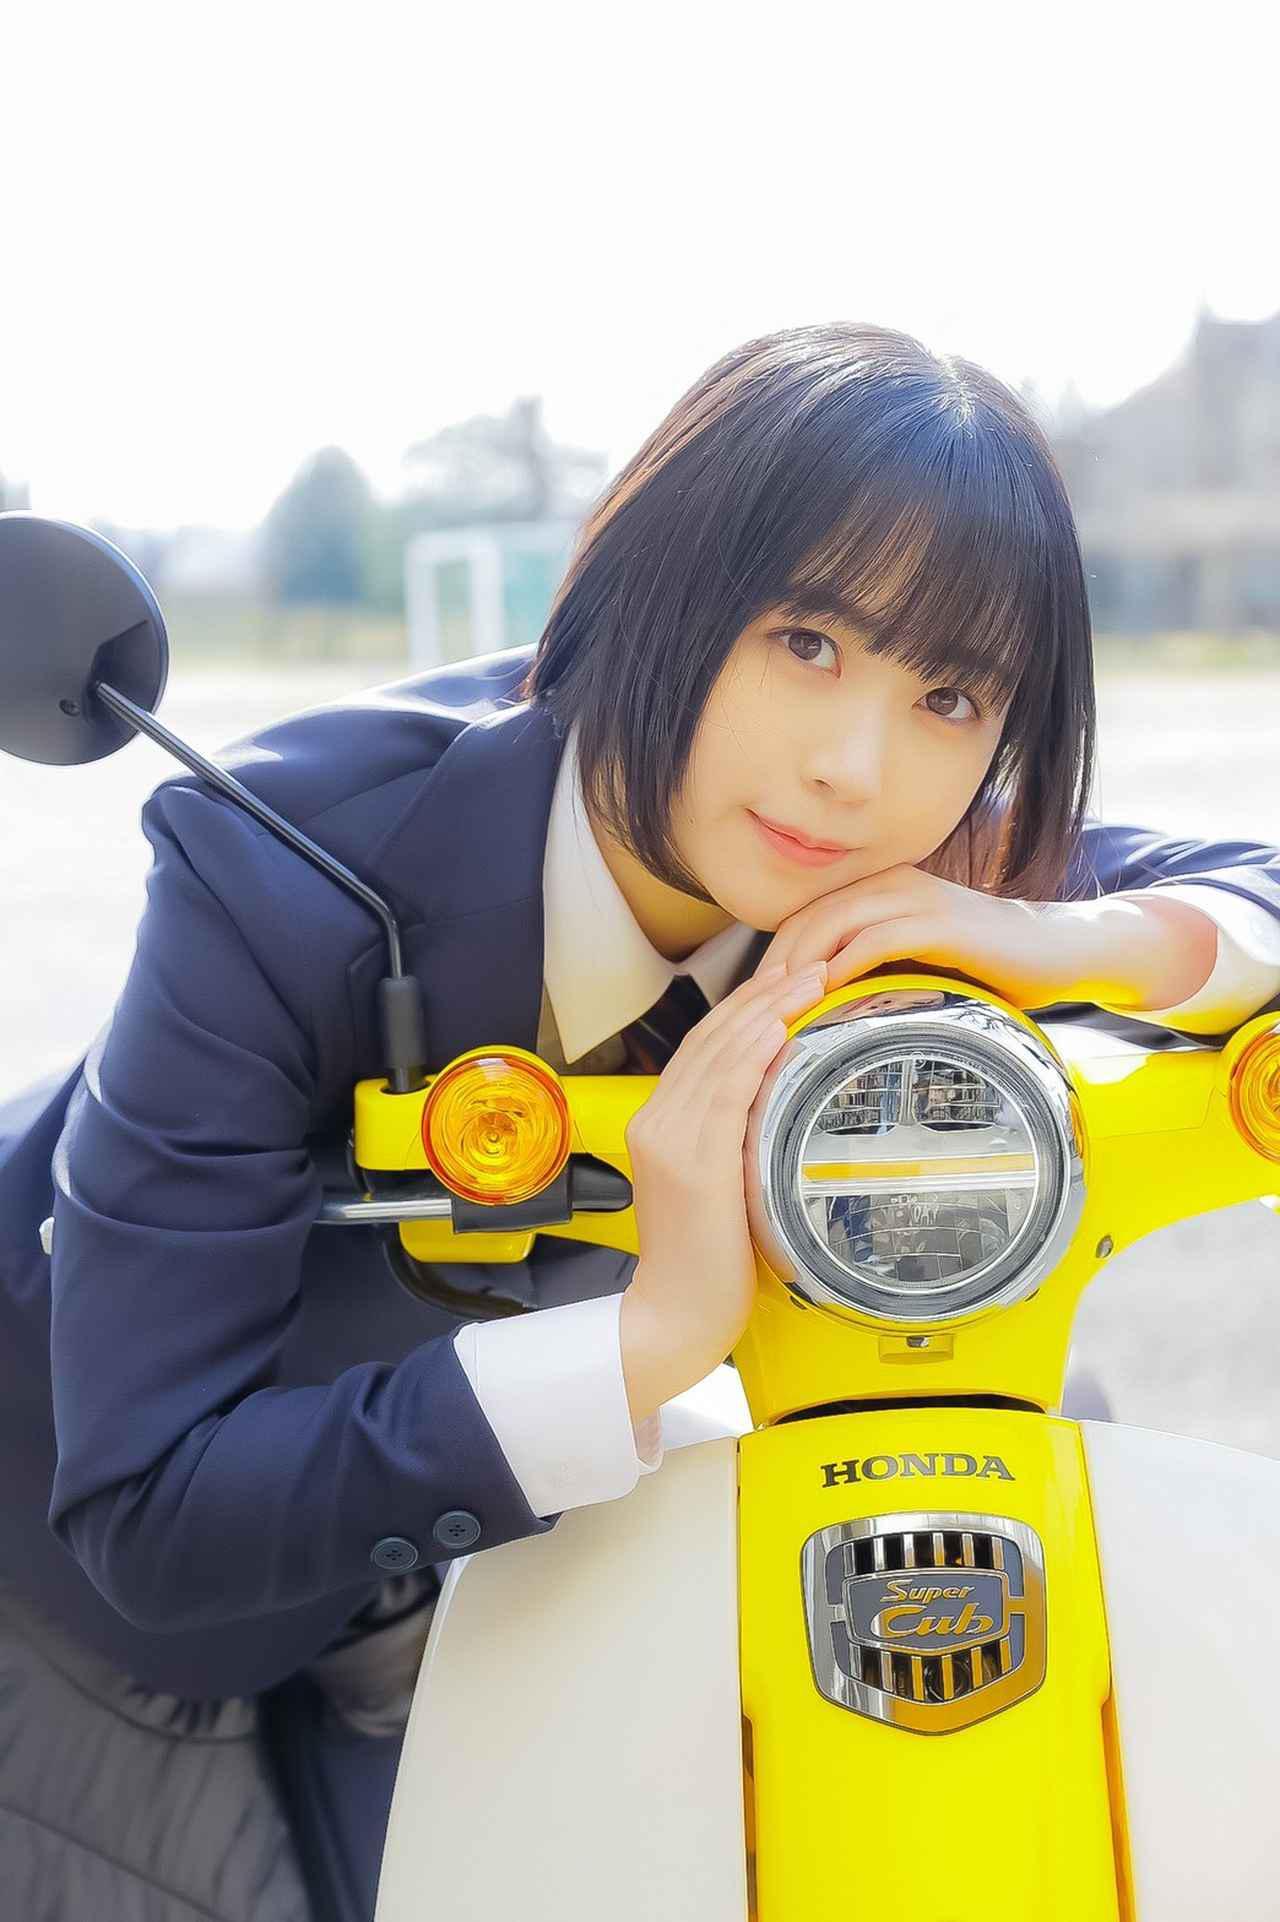 画像: 夜道 雪(よみち ゆき) TVアニメ『スーパーカブ』主人公・小熊役として出演中。 複数のバイクを所持し、試乗レポートなども行う愛好家。